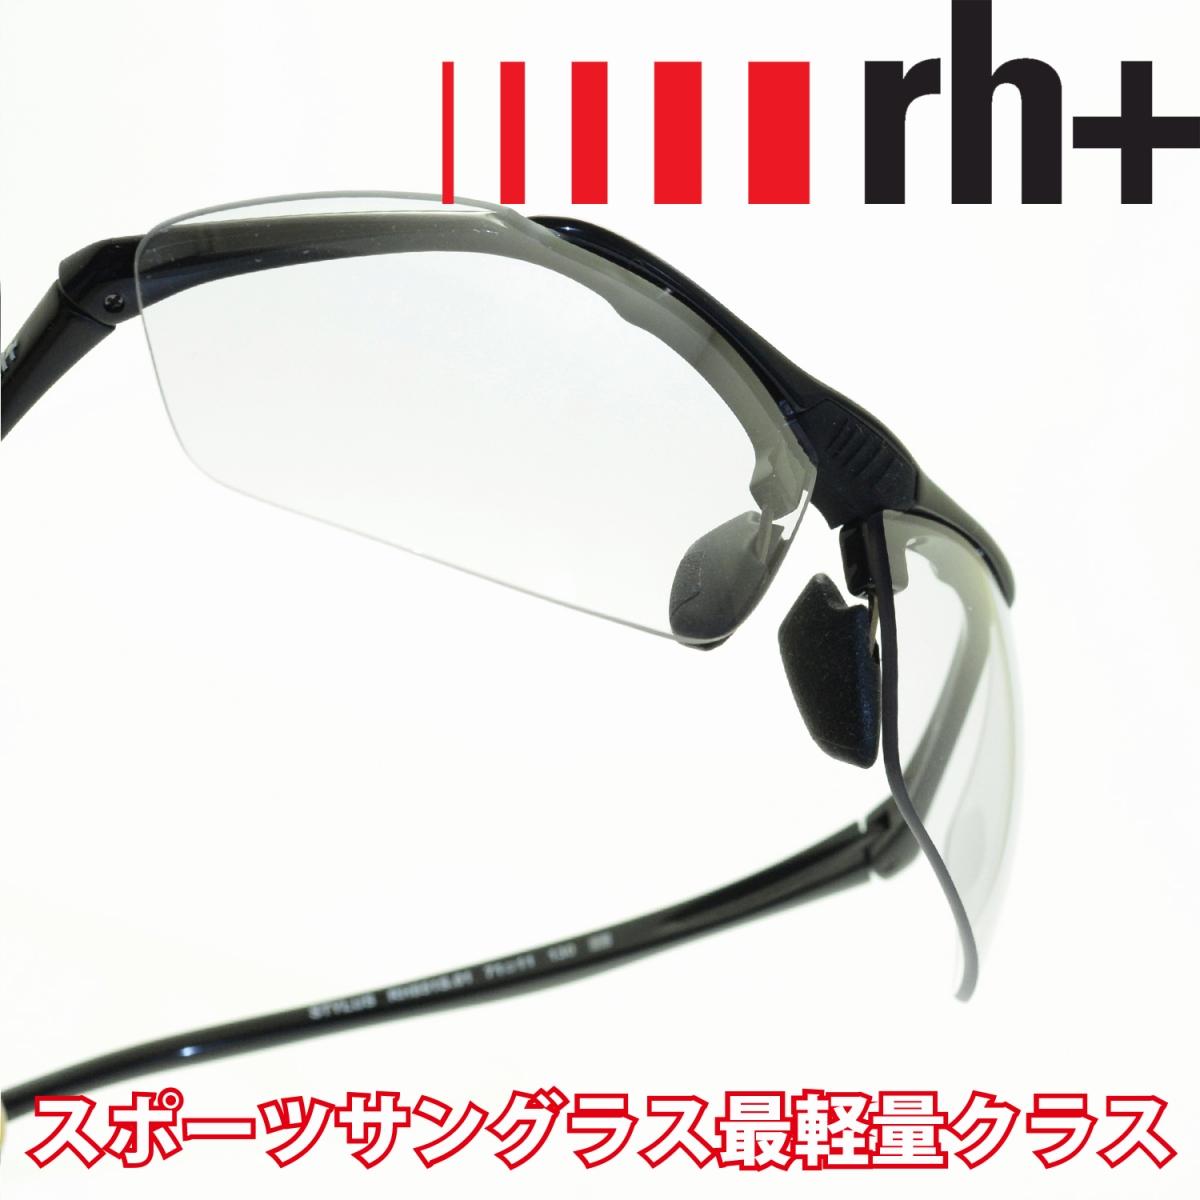 rh+ アールエイチプラス STYLUS サングラス JAPAN RH851S01 調光レンズメガネ おすすめ 眼鏡 めがね JAPAN メンズ レディース おしゃれ ブランド 人気 おすすめ フレーム 流行り 度付き レンズ サングラス スポーツ, イクサカムラ:58da7123 --- sunward.msk.ru